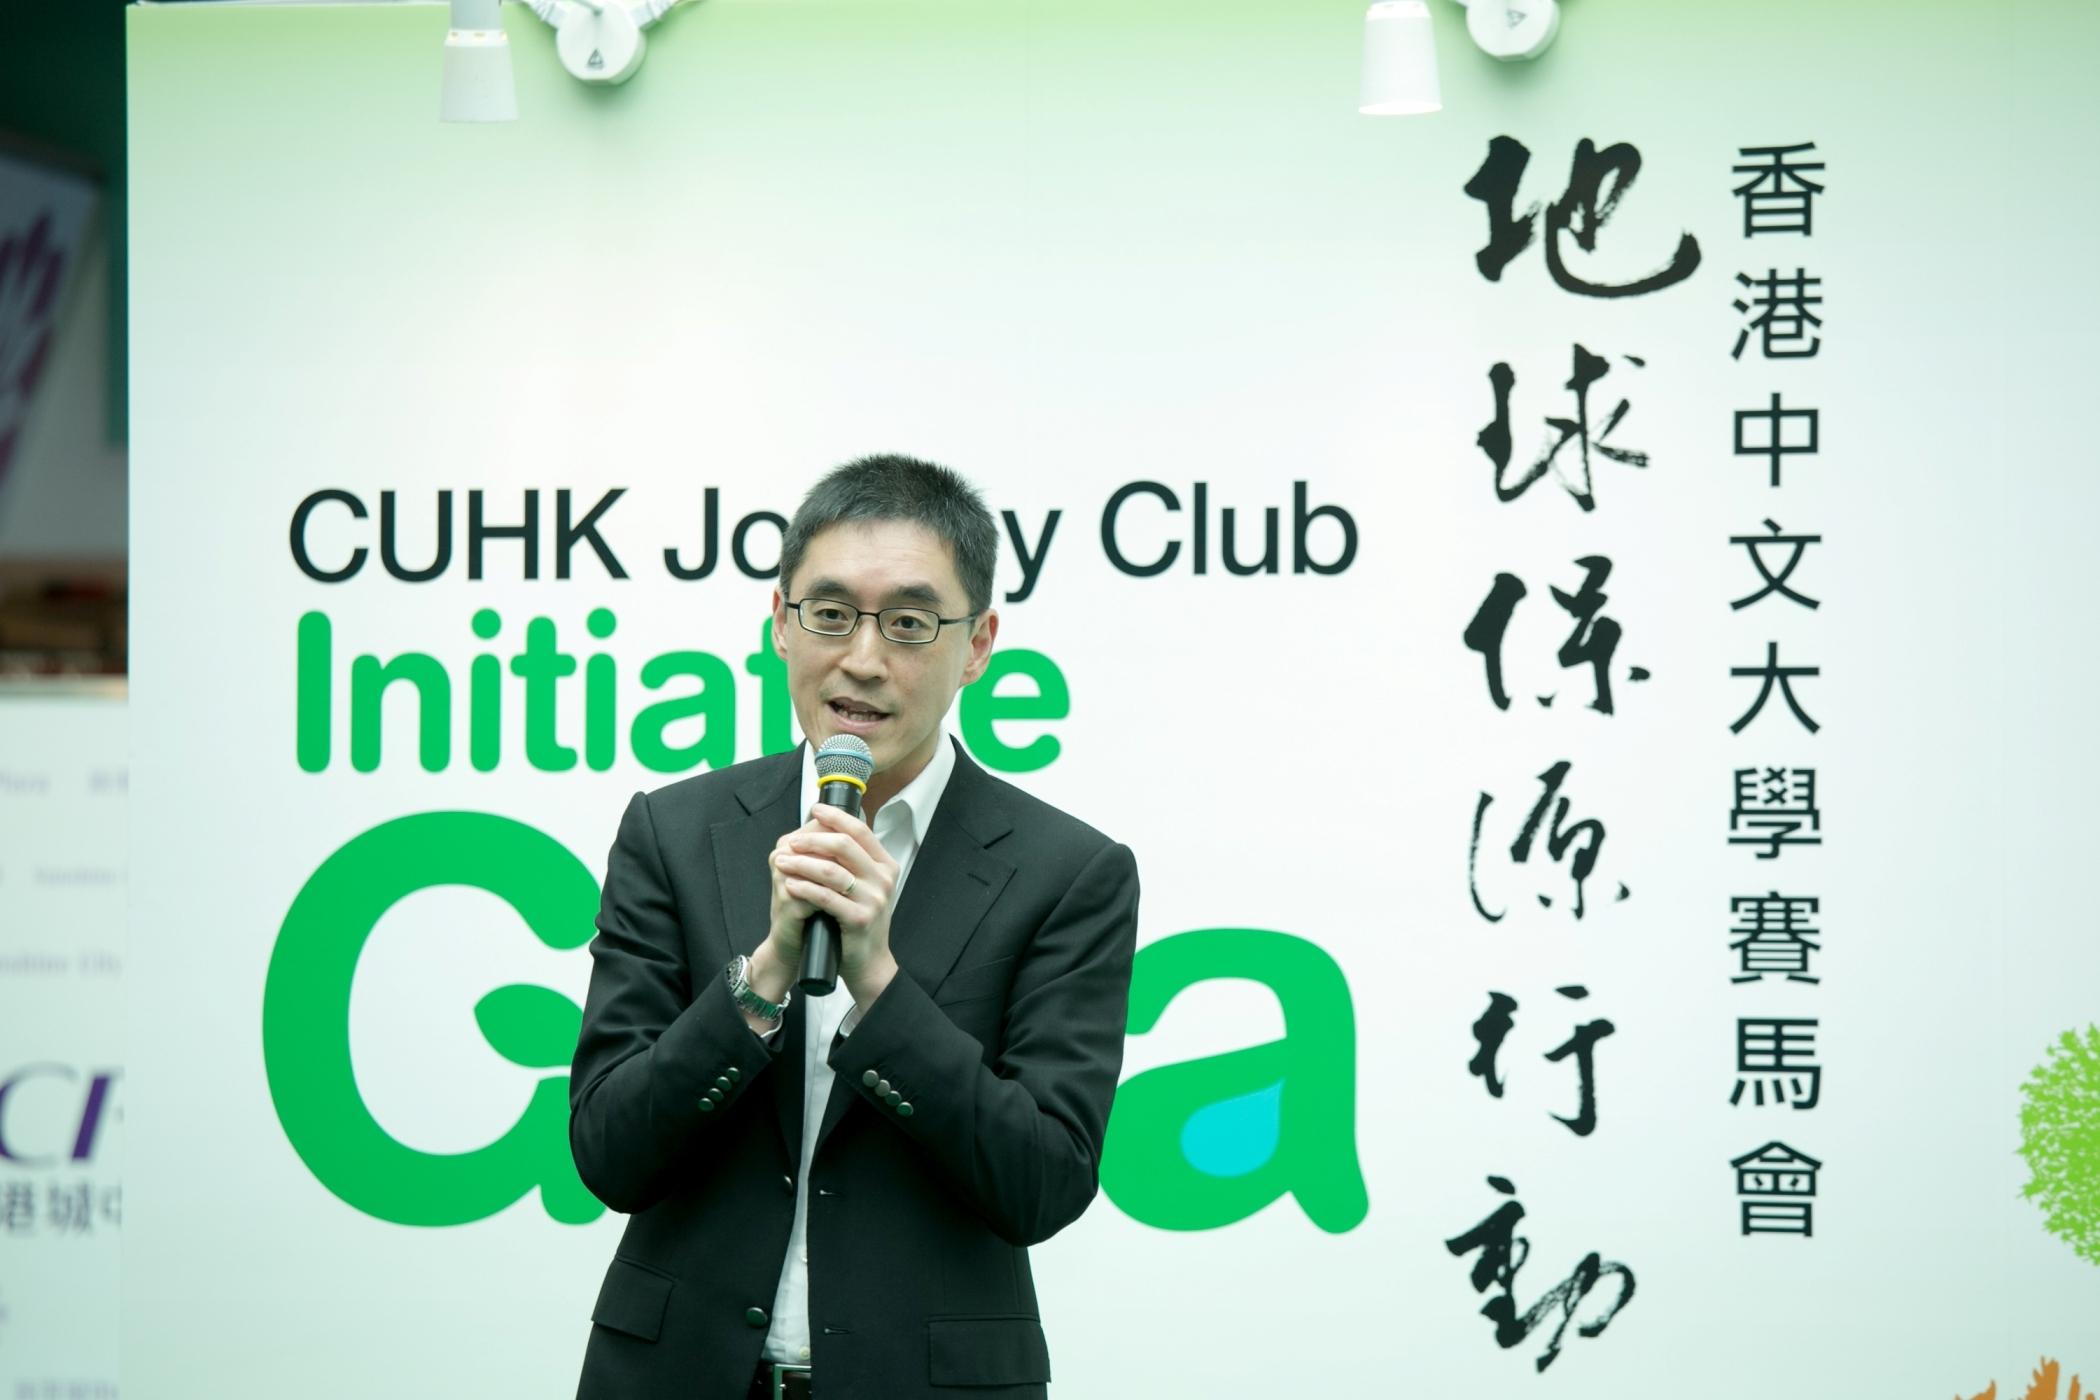 香港赛马会慈善事务执行总监苏彰德律师致辞。